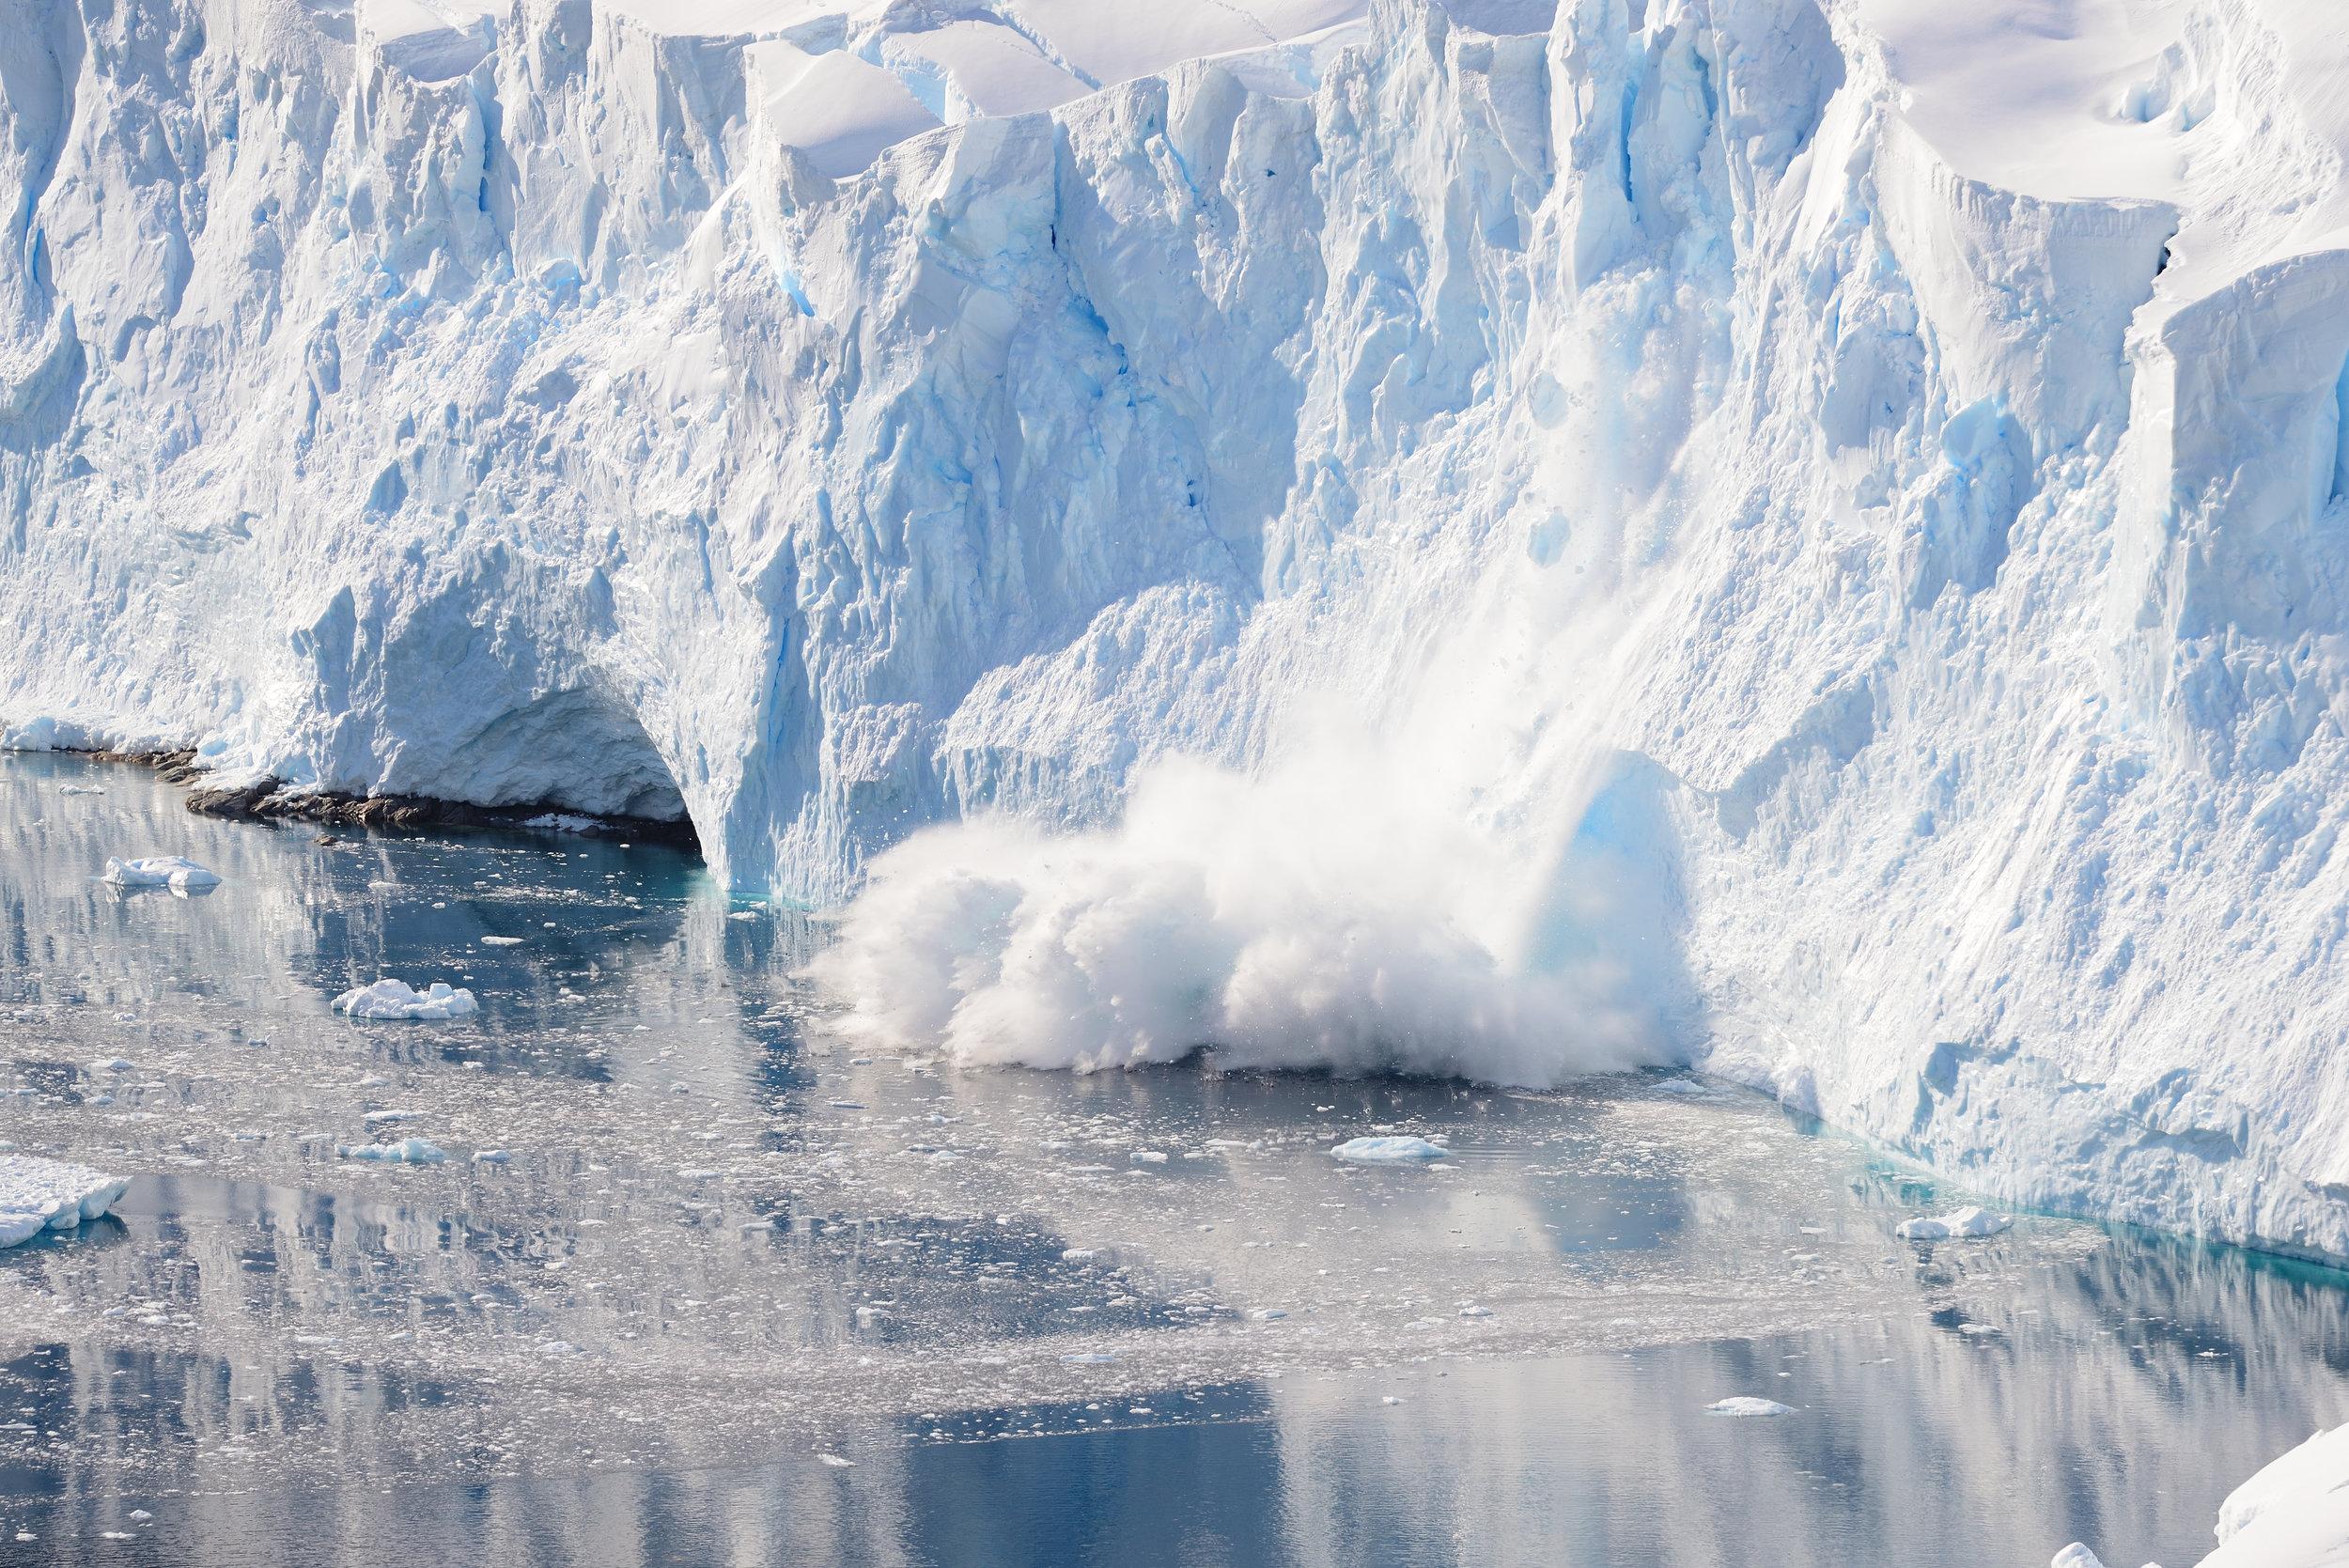 A calving glacier in Neko Harbor, Antarctic Peninsula (Image: L. Yeung).